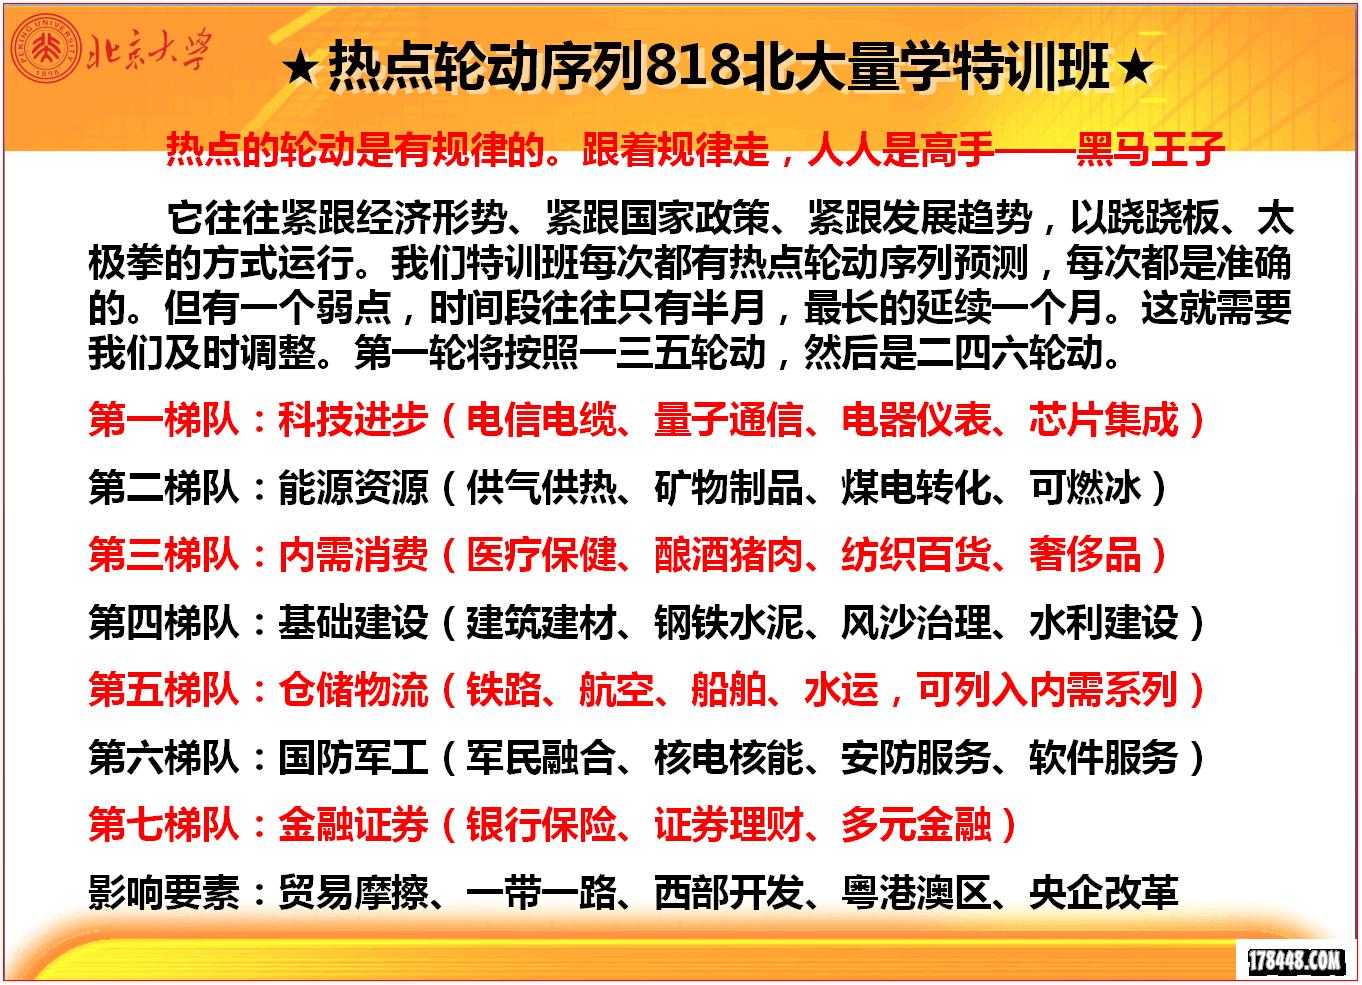 2018-08-18热点轮动序列.png